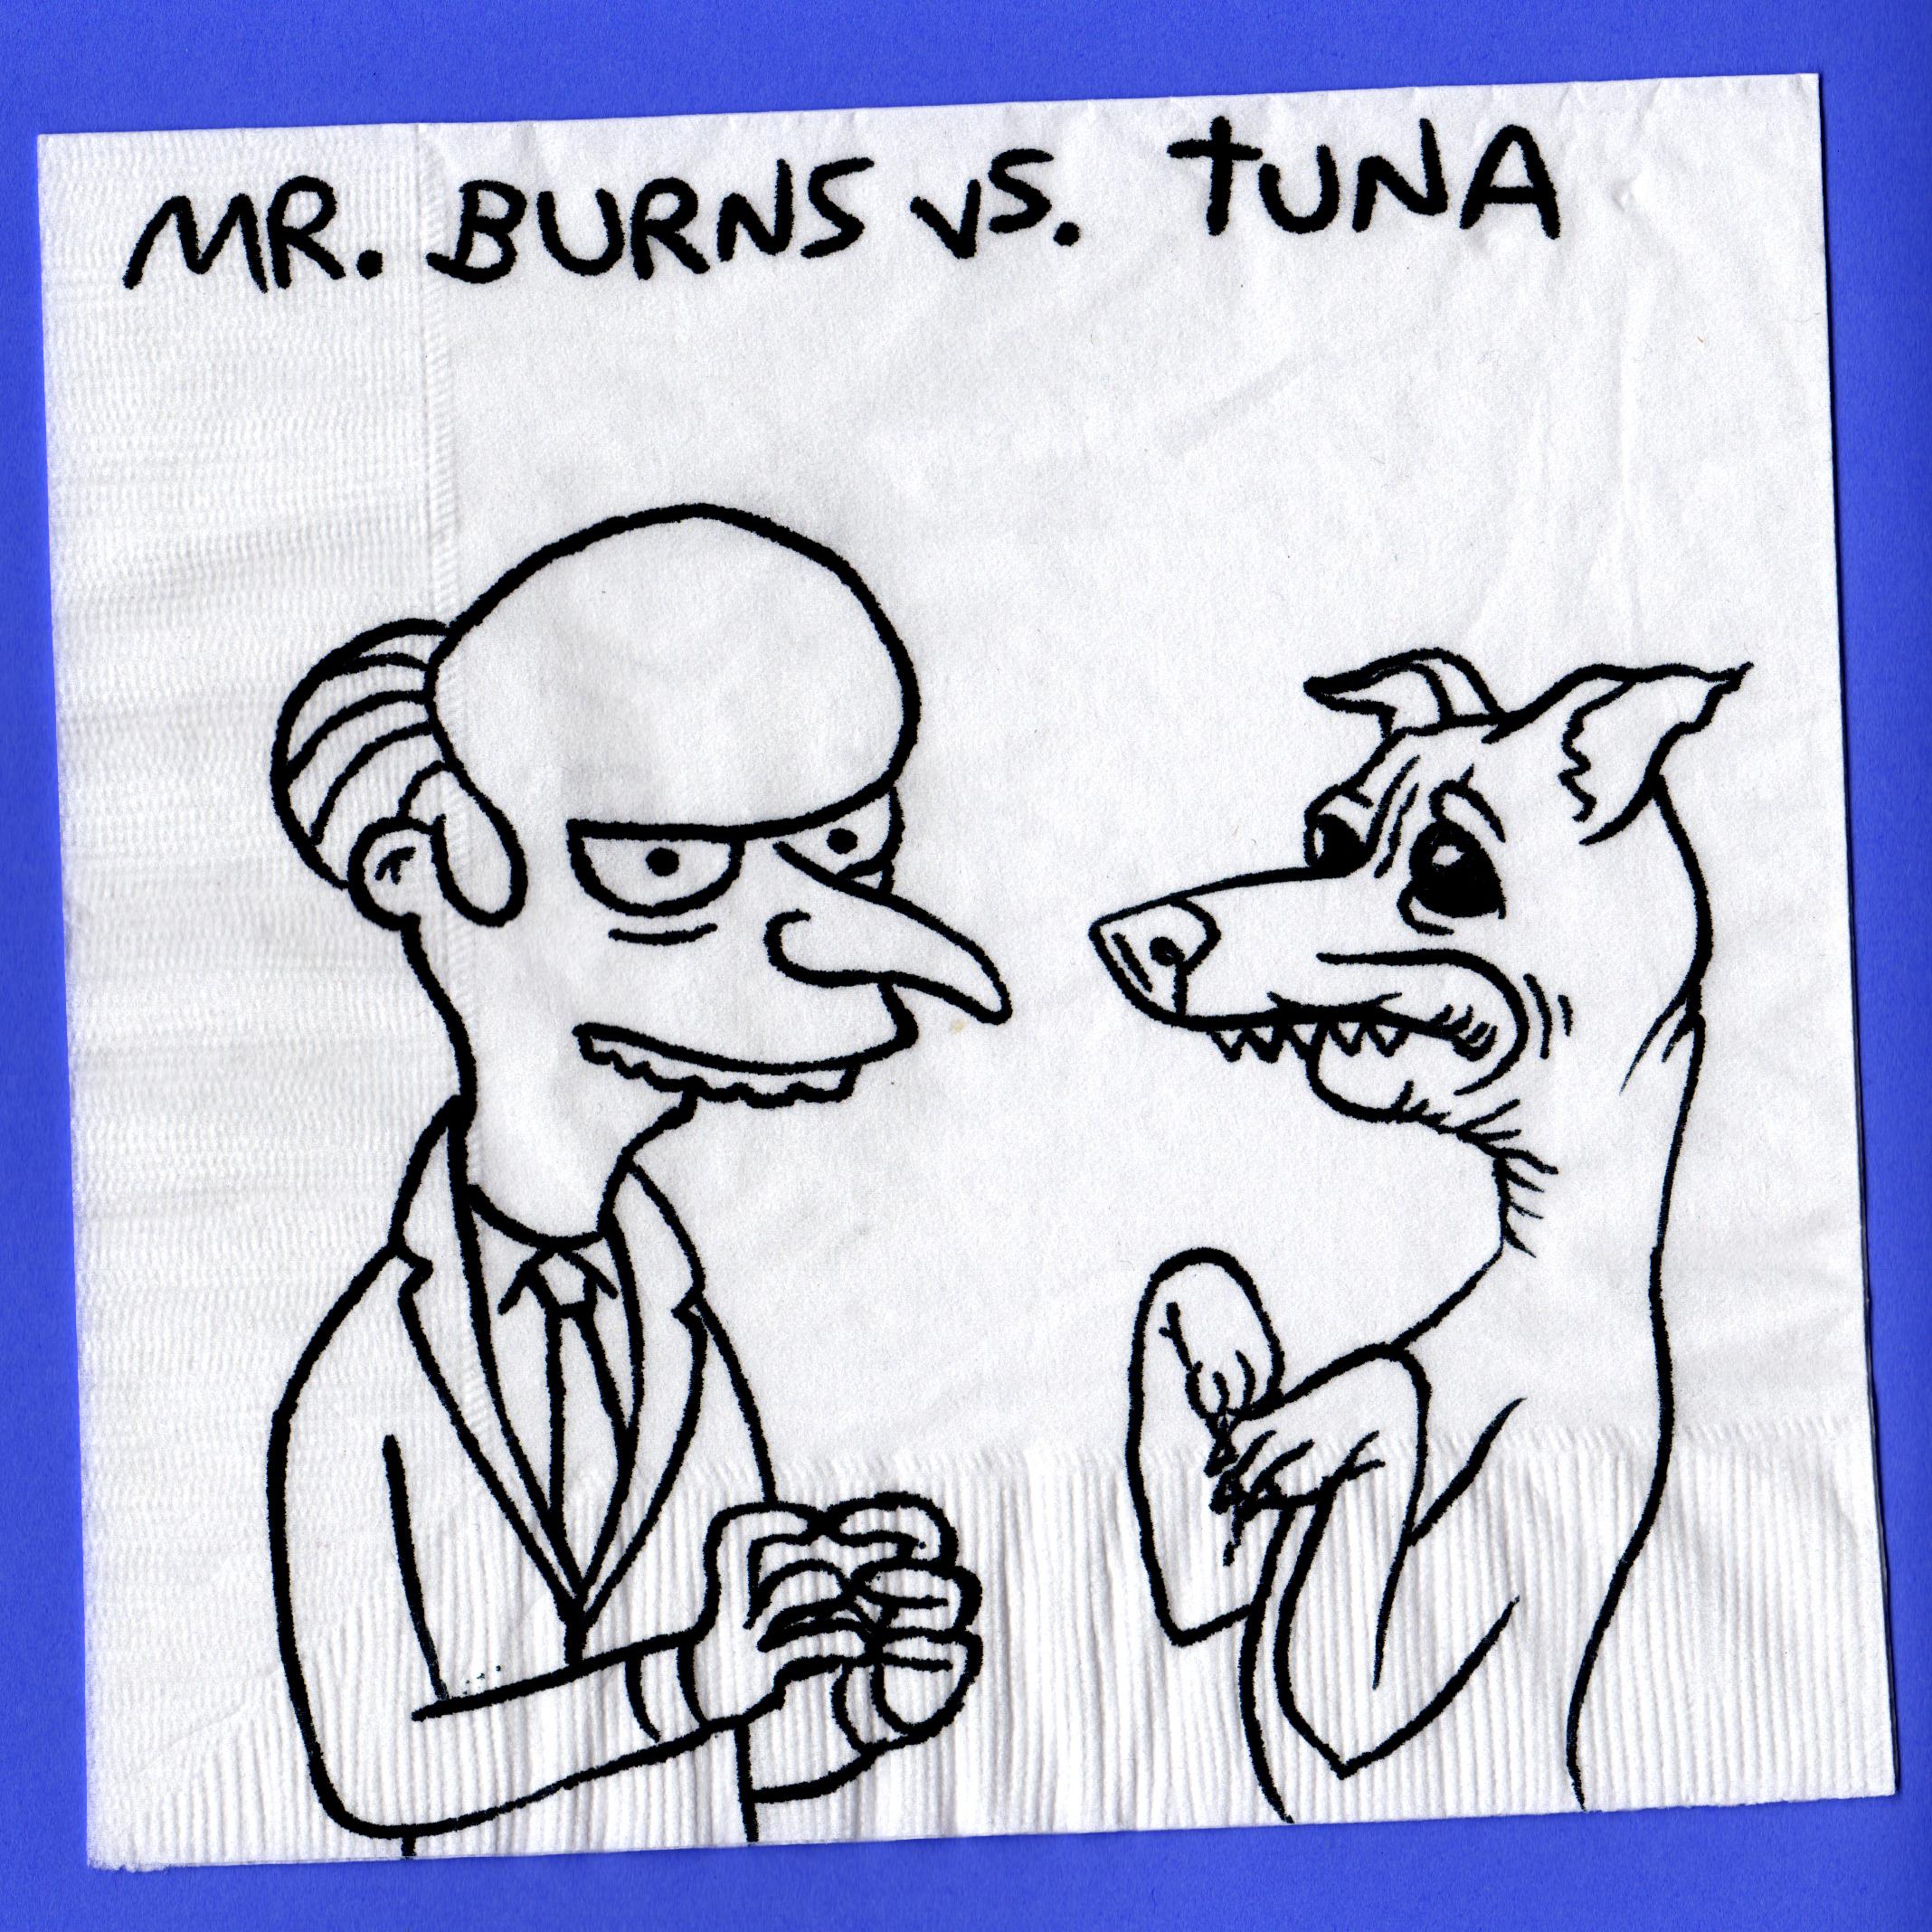 tuna_burns.jpg